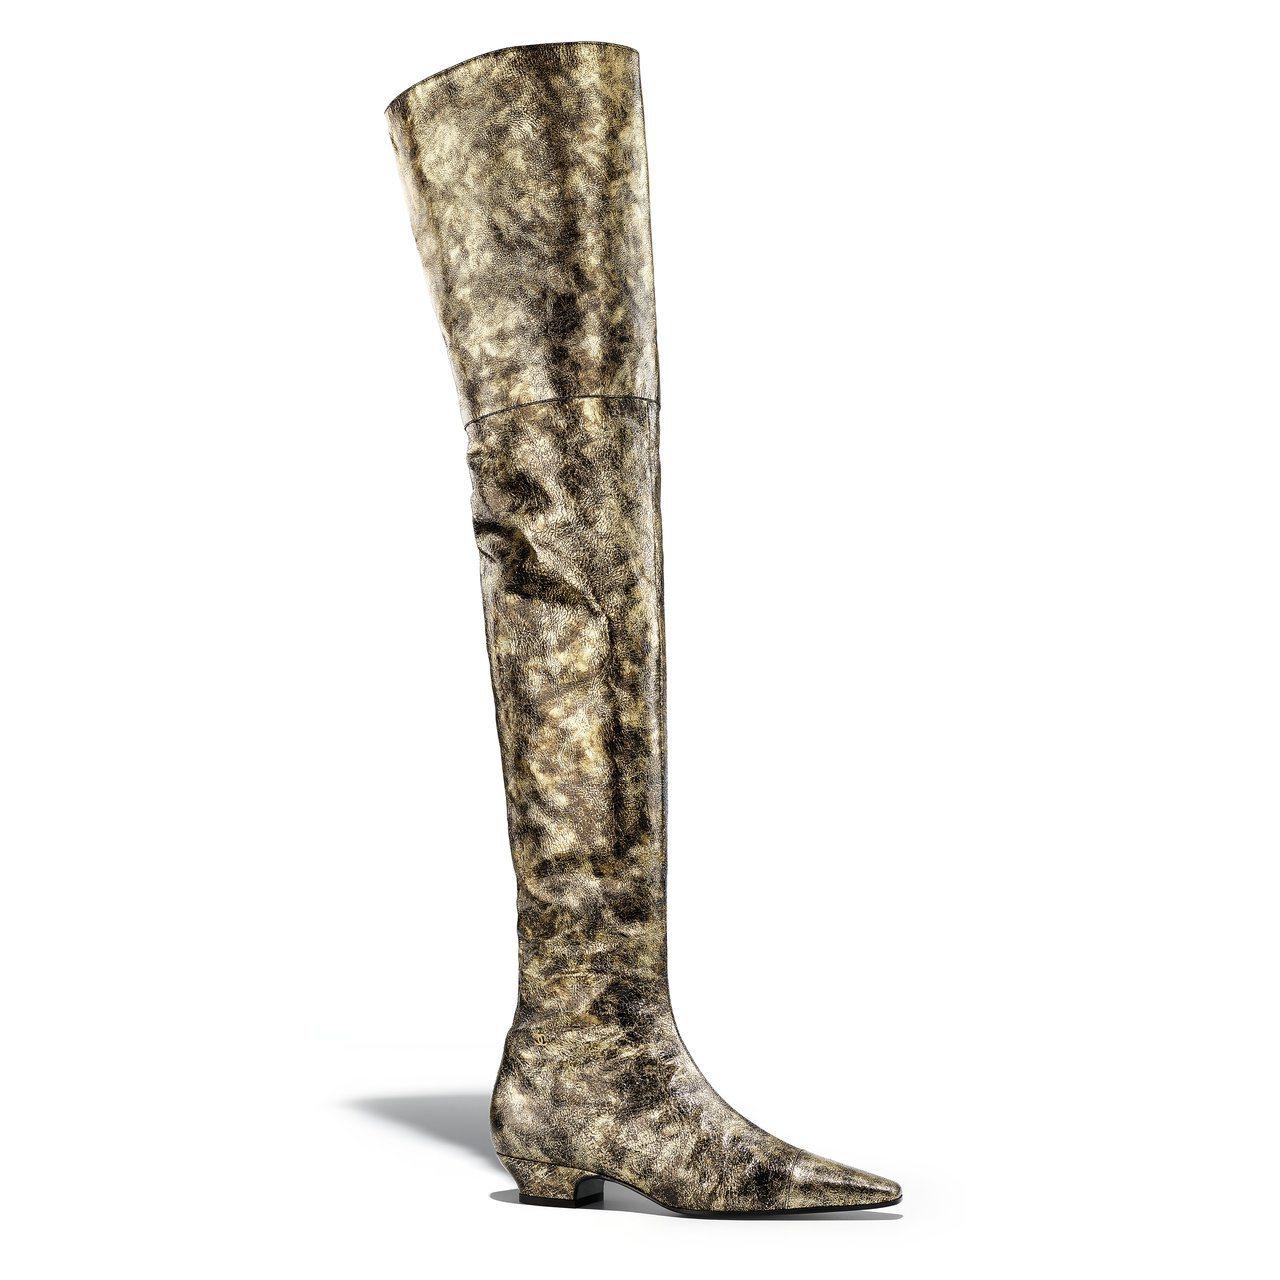 金色樹皮印花皮革過膝長靴,69,700元。圖/香奈兒提供